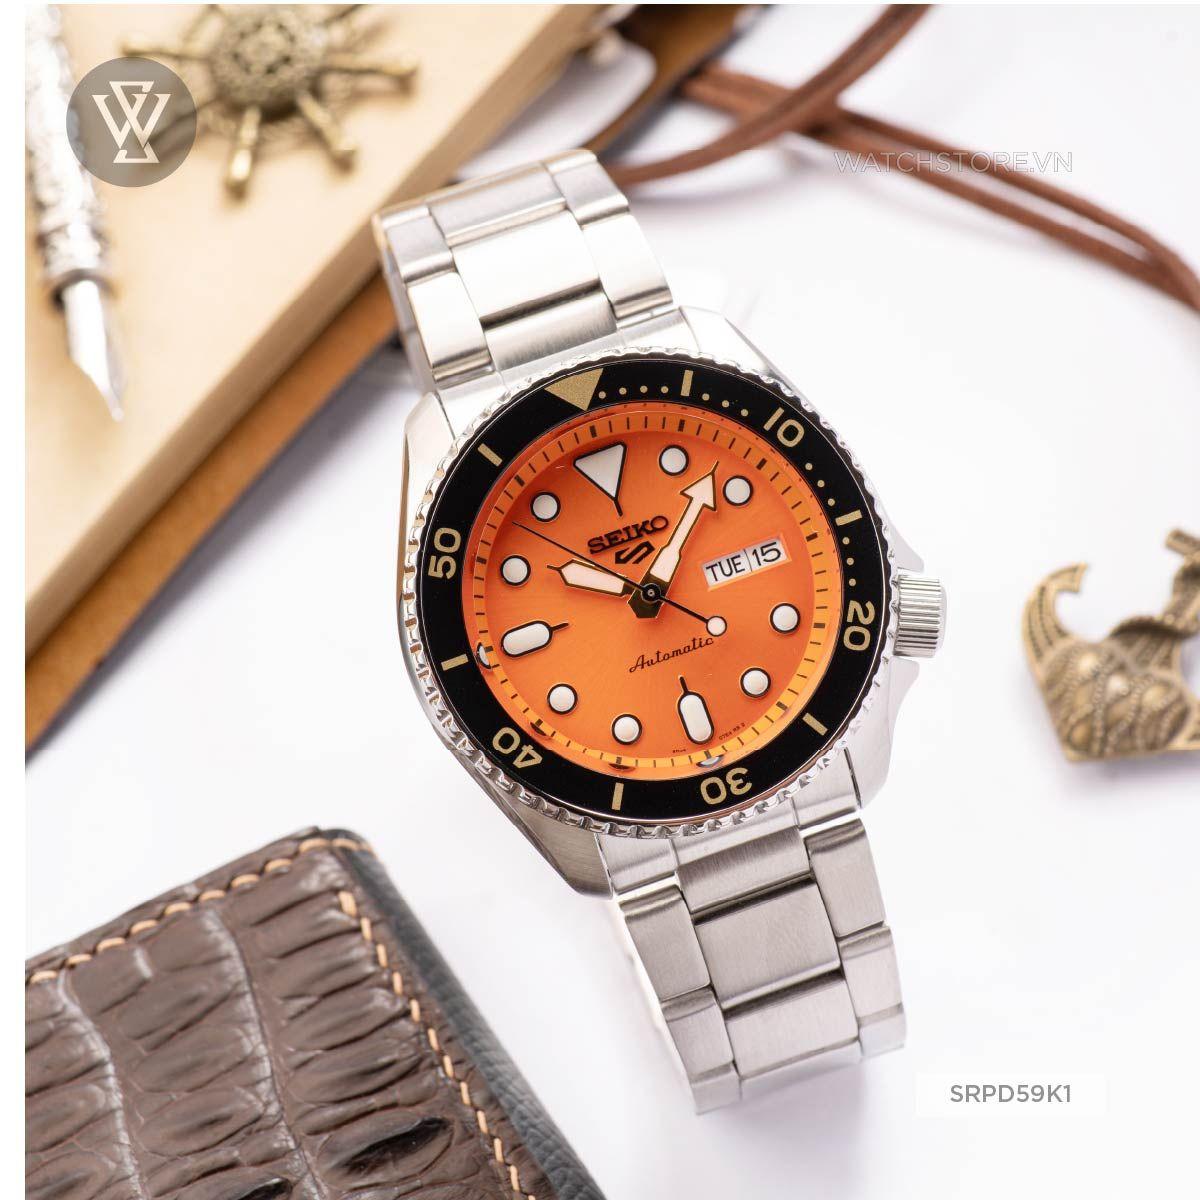 seiko srpd59k1, đồng hồ seiko chính hãng, đồng hồ nam, máy cơ automatic, hardlex crystal, dây kim loại, chống nước 10atm, sku/upc/mpn: 4954628232144 - Ảnh 1